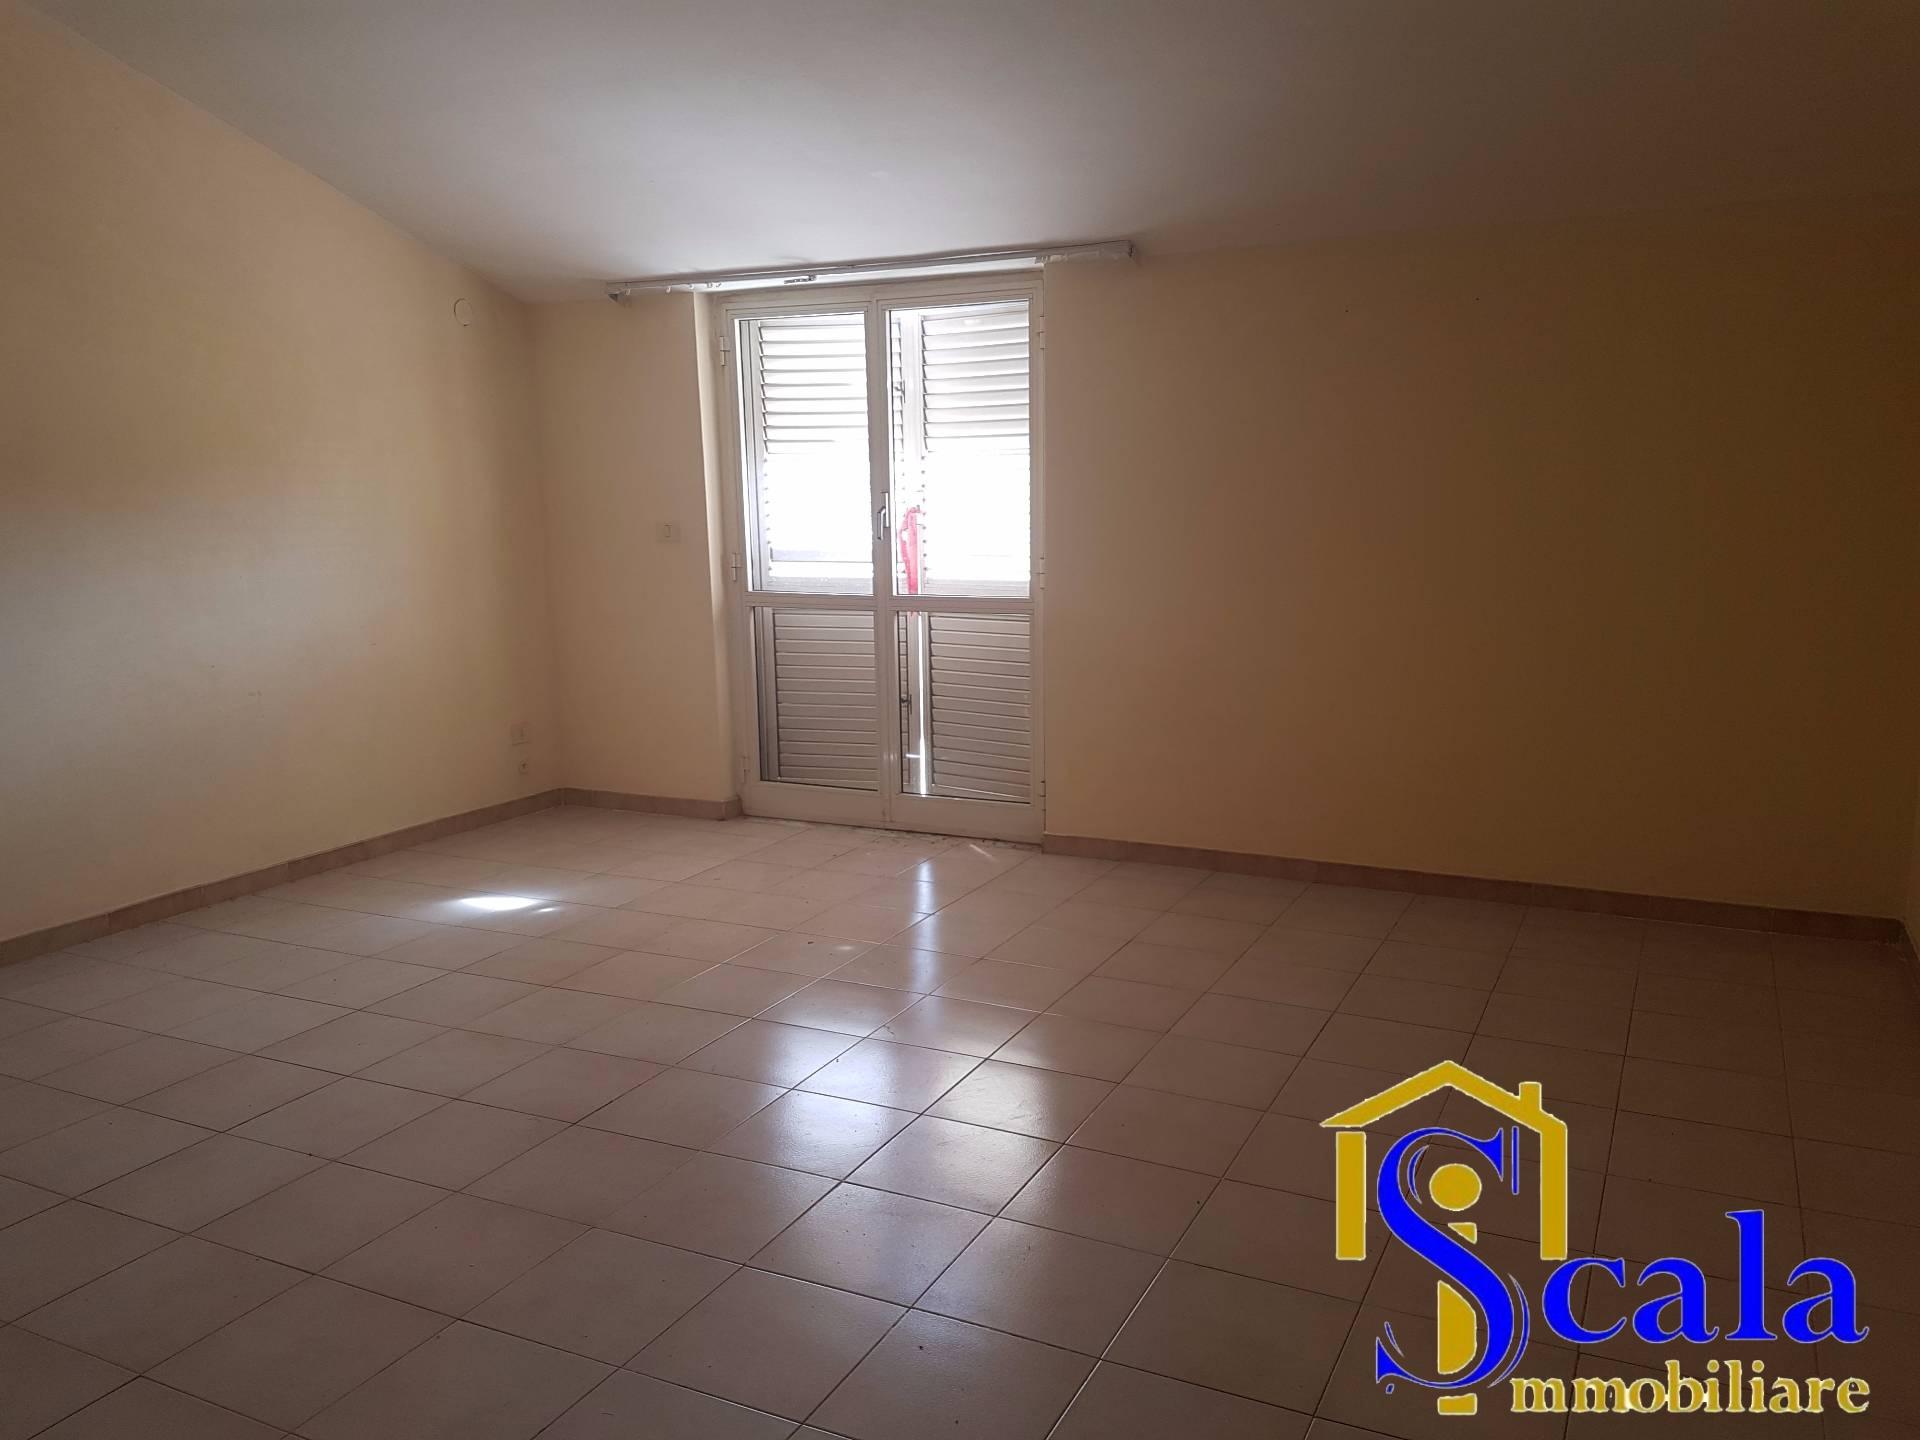 Attico / Mansarda in affitto a Capua, 3 locali, prezzo € 350 | Cambio Casa.it